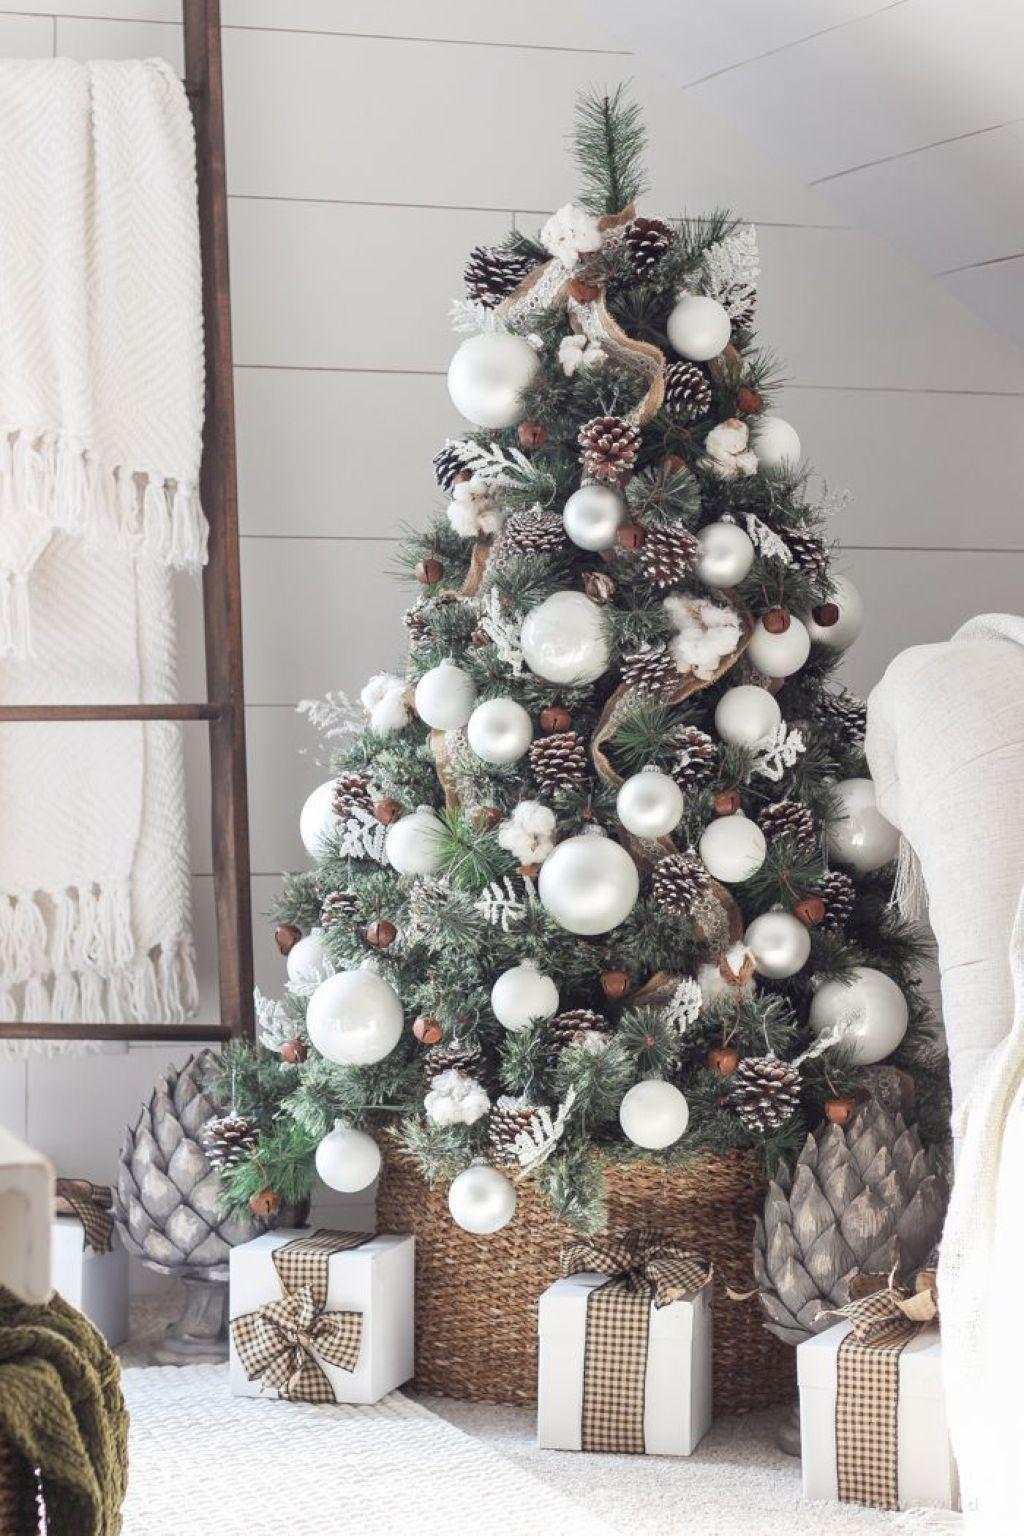 Farmhouse Christmas Decorating Ideas On a Budget (15